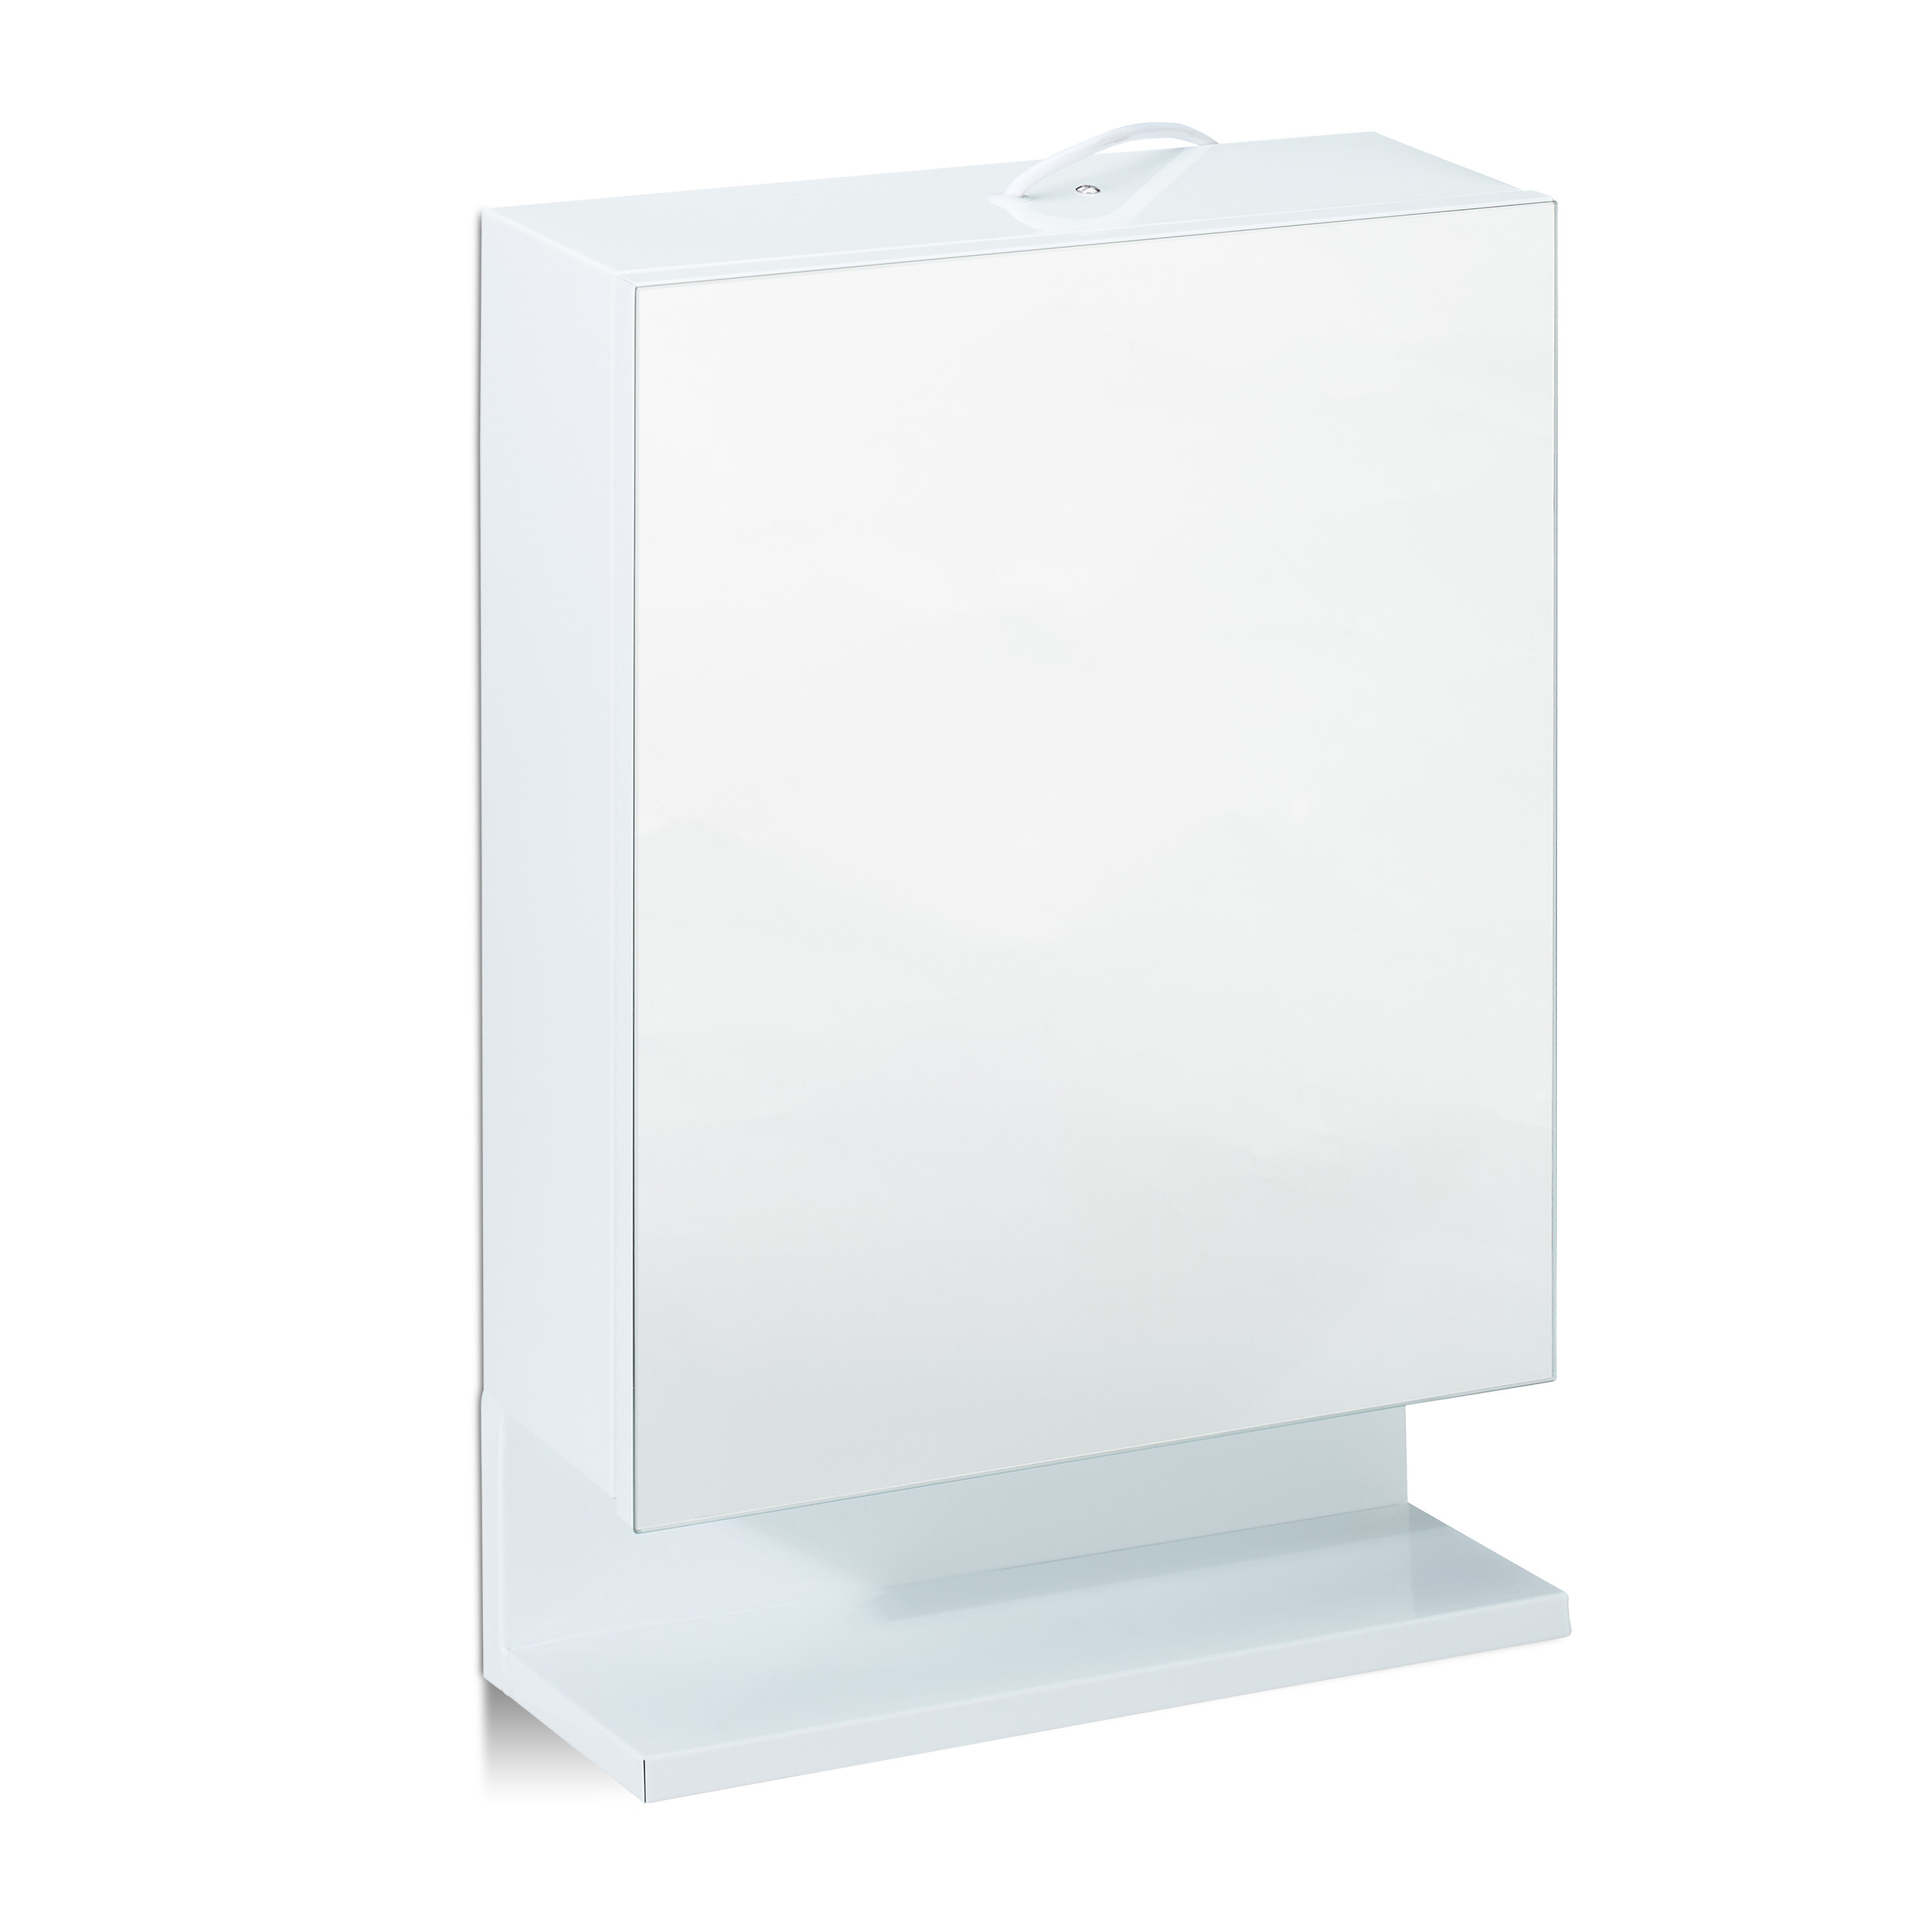 Badspiegelschrank Hängeschrank Badezimmerschrank